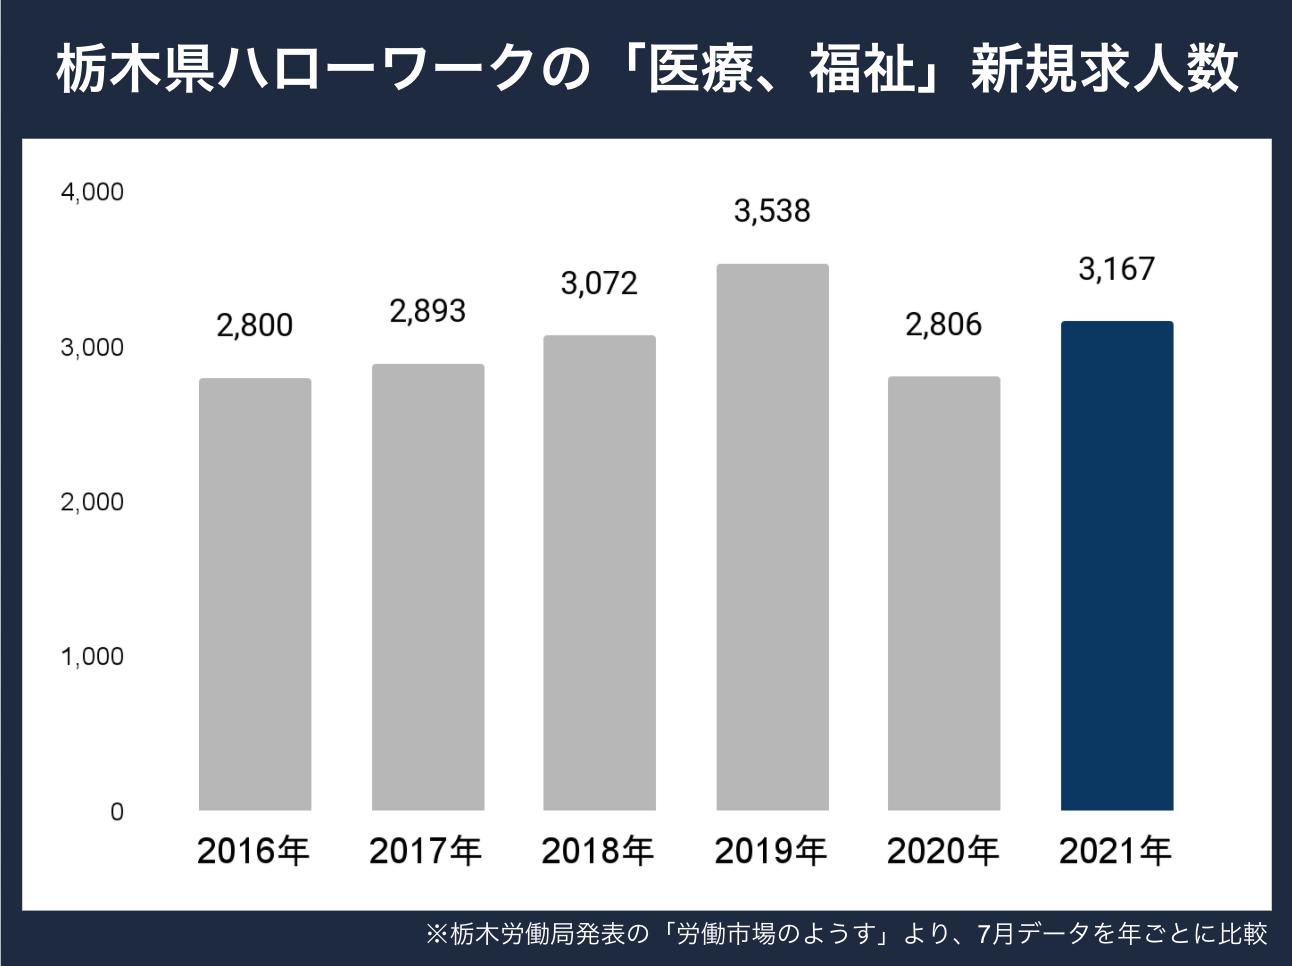 栃木県新規求人数